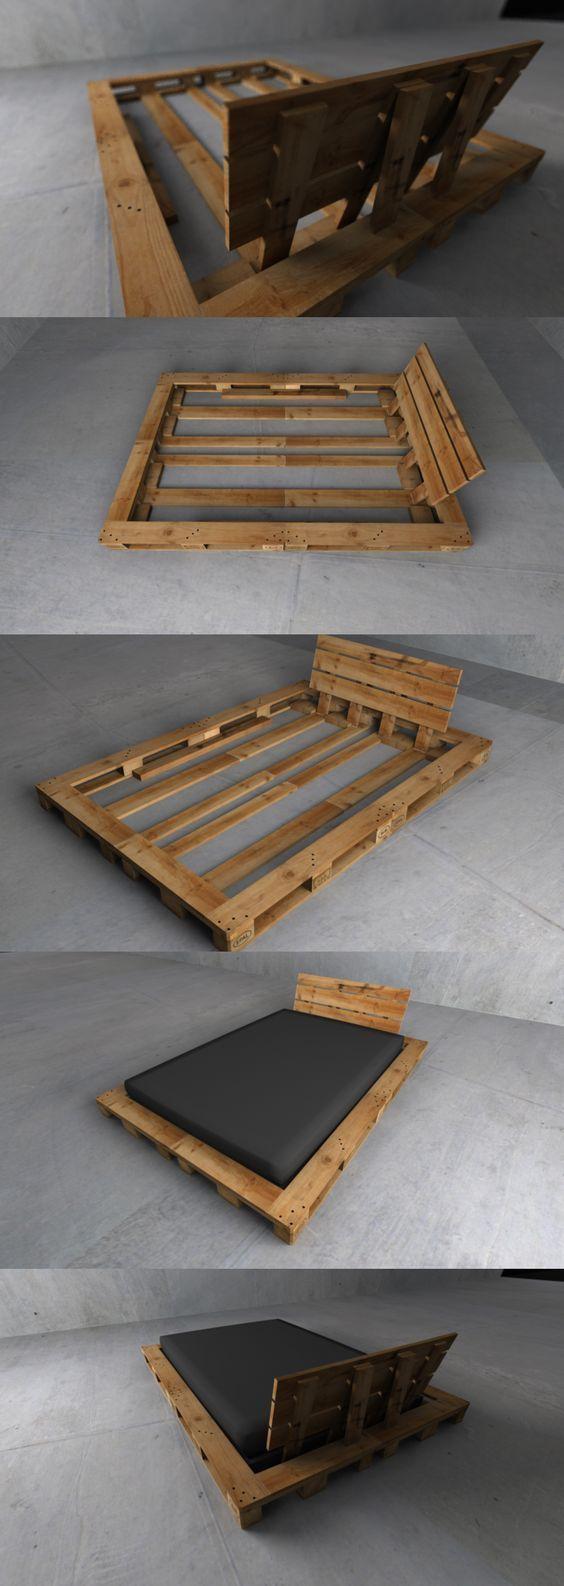 Kreative wohnideen diy betten aus europaletten  bed headboards pallets and creative